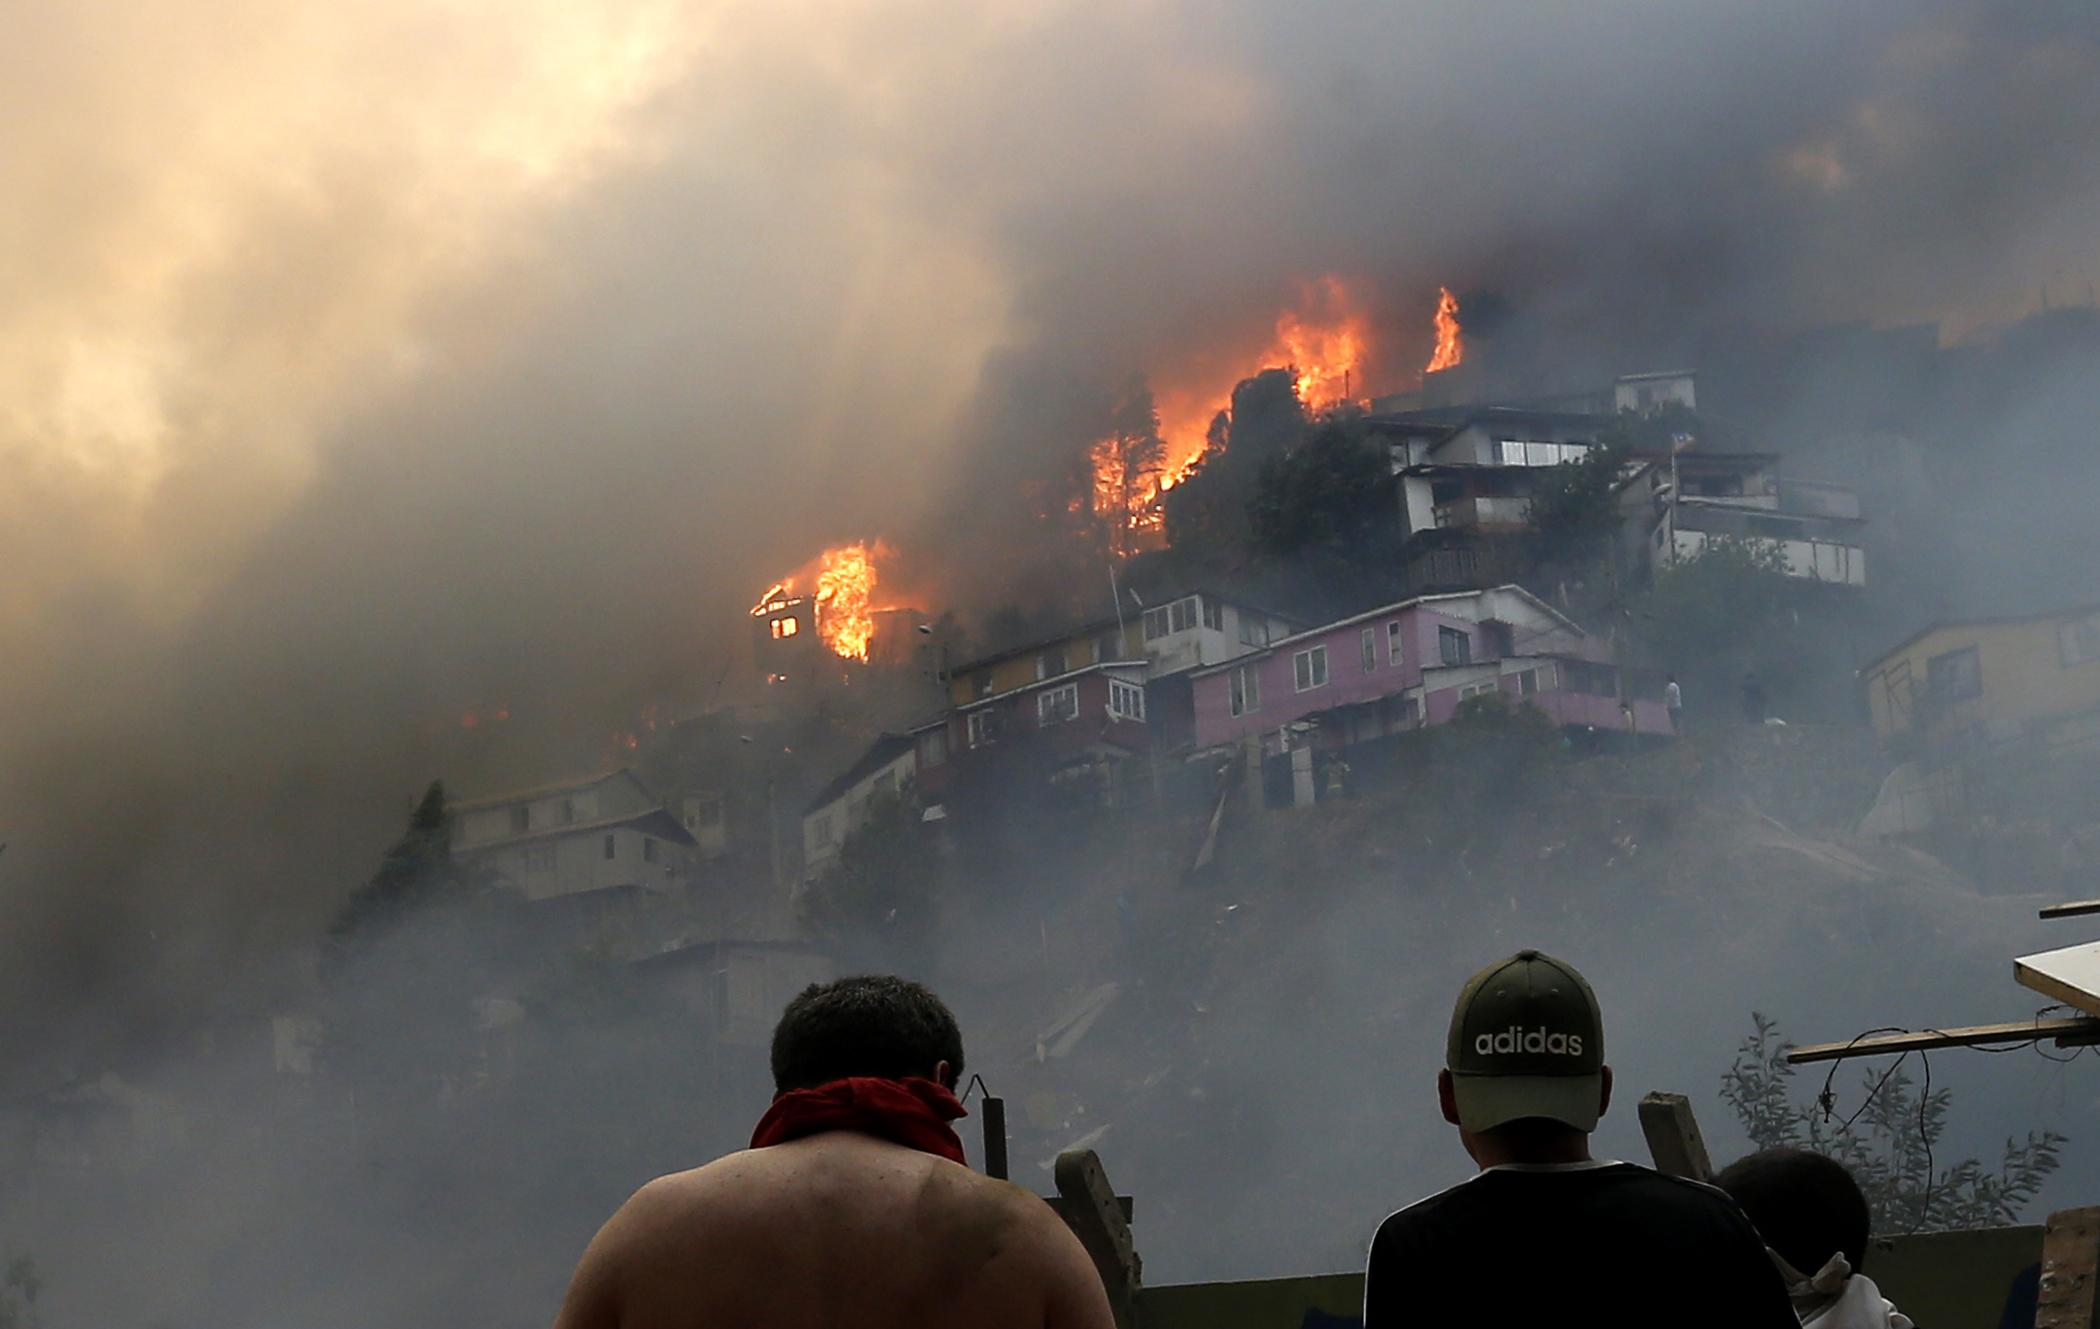 Hatalmas tűzvész Valparaisóban, legalább százhúsz ház leégett